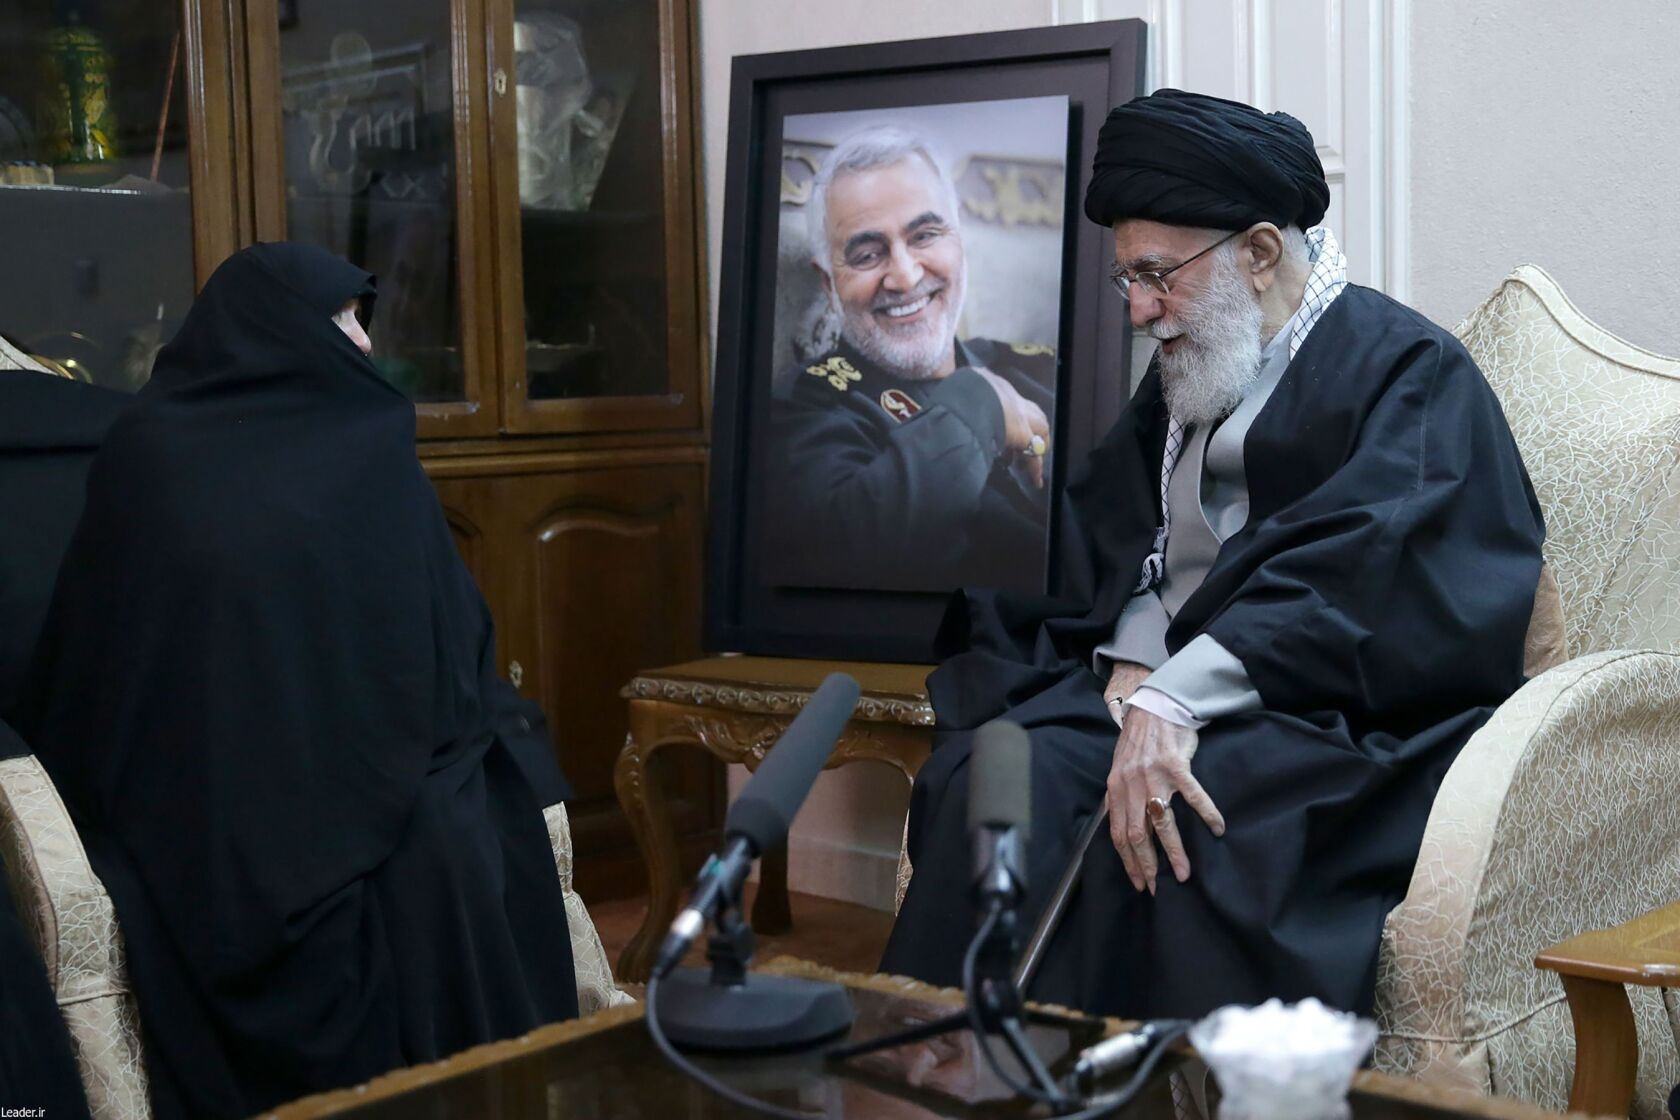 L'Ayatollah Khamenei visita la famiglia del generale Soleimani per porgere le condoglianze. Credits to: AFP/Getty Images.